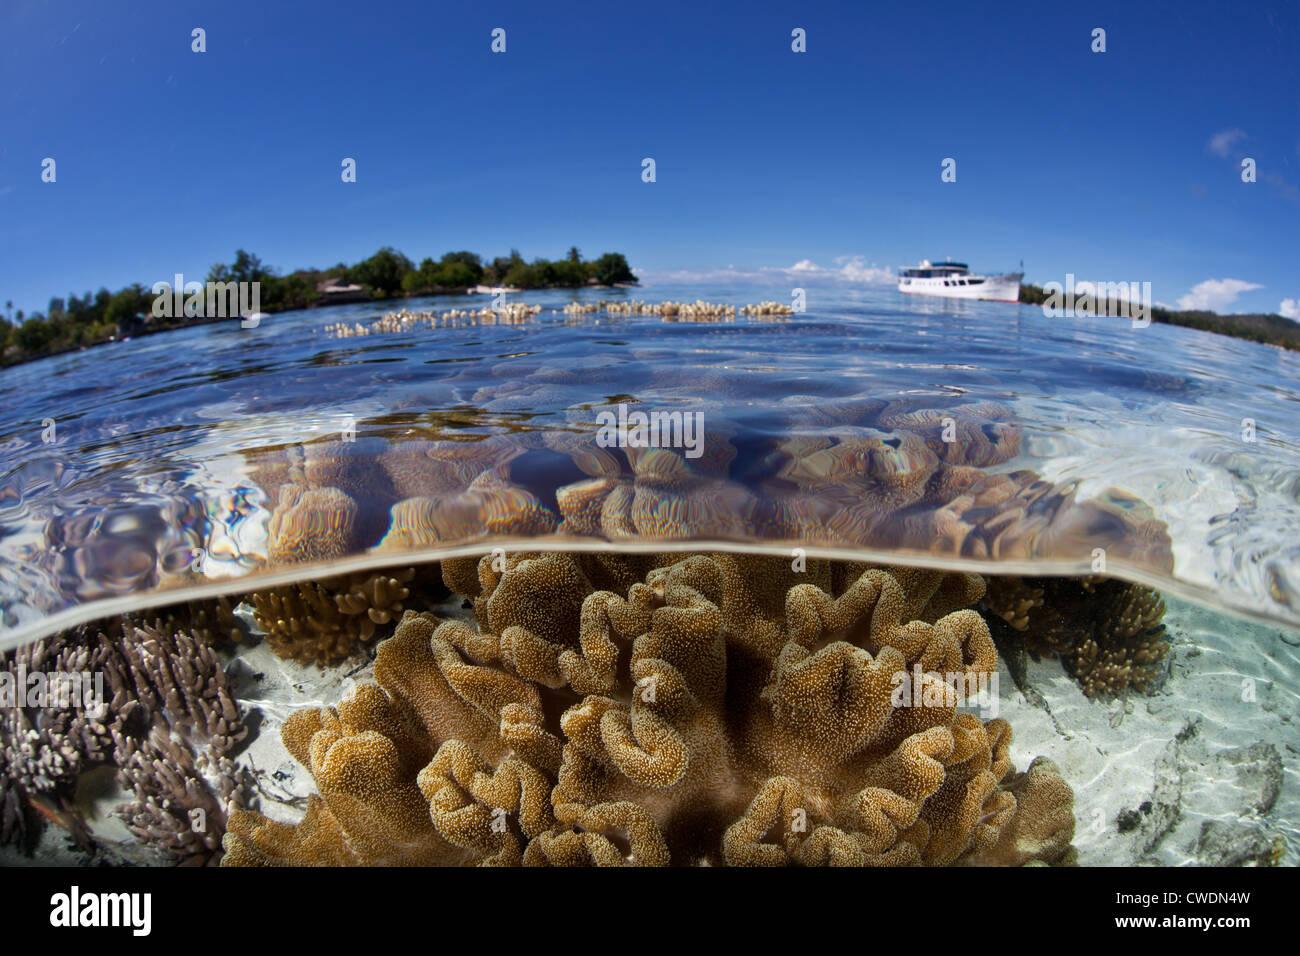 Un navire de croisière a ancré près de l'un des récifs coralliens peu profonds où les Photo Stock